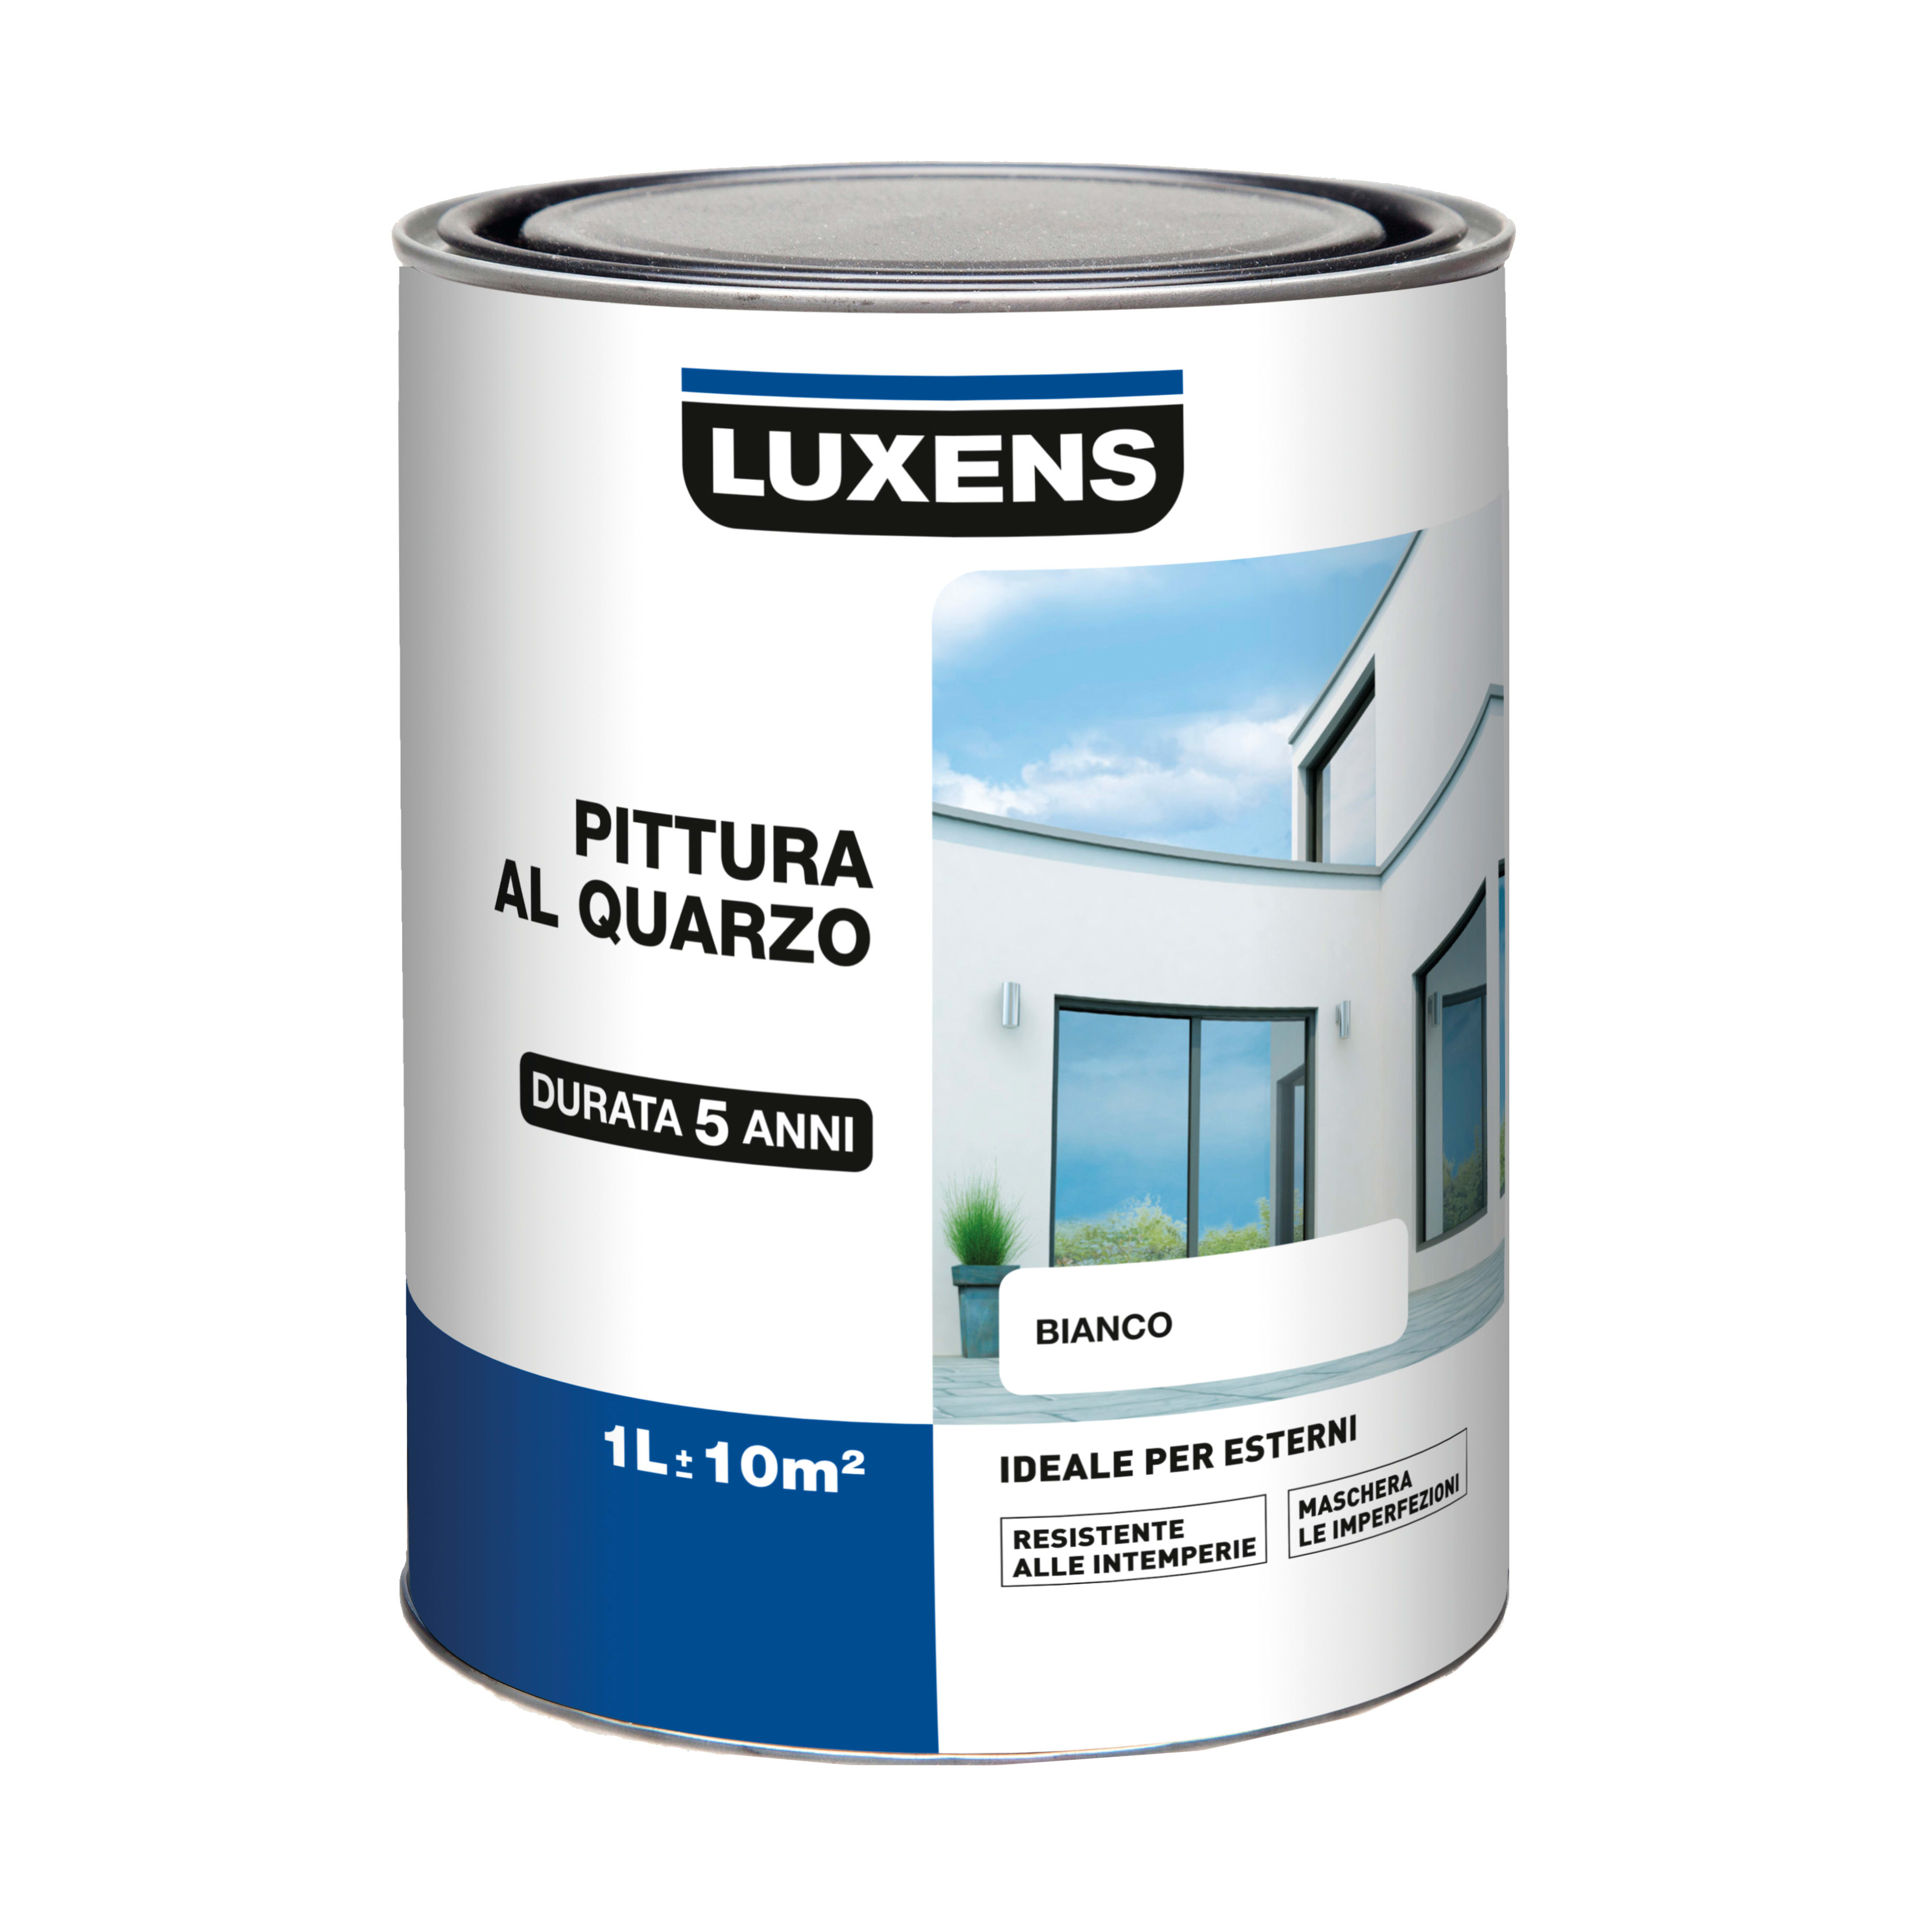 Migliore Marca Pittura Per Esterni pittura acrilica per facciate luxens al quarzo bianco 1 l